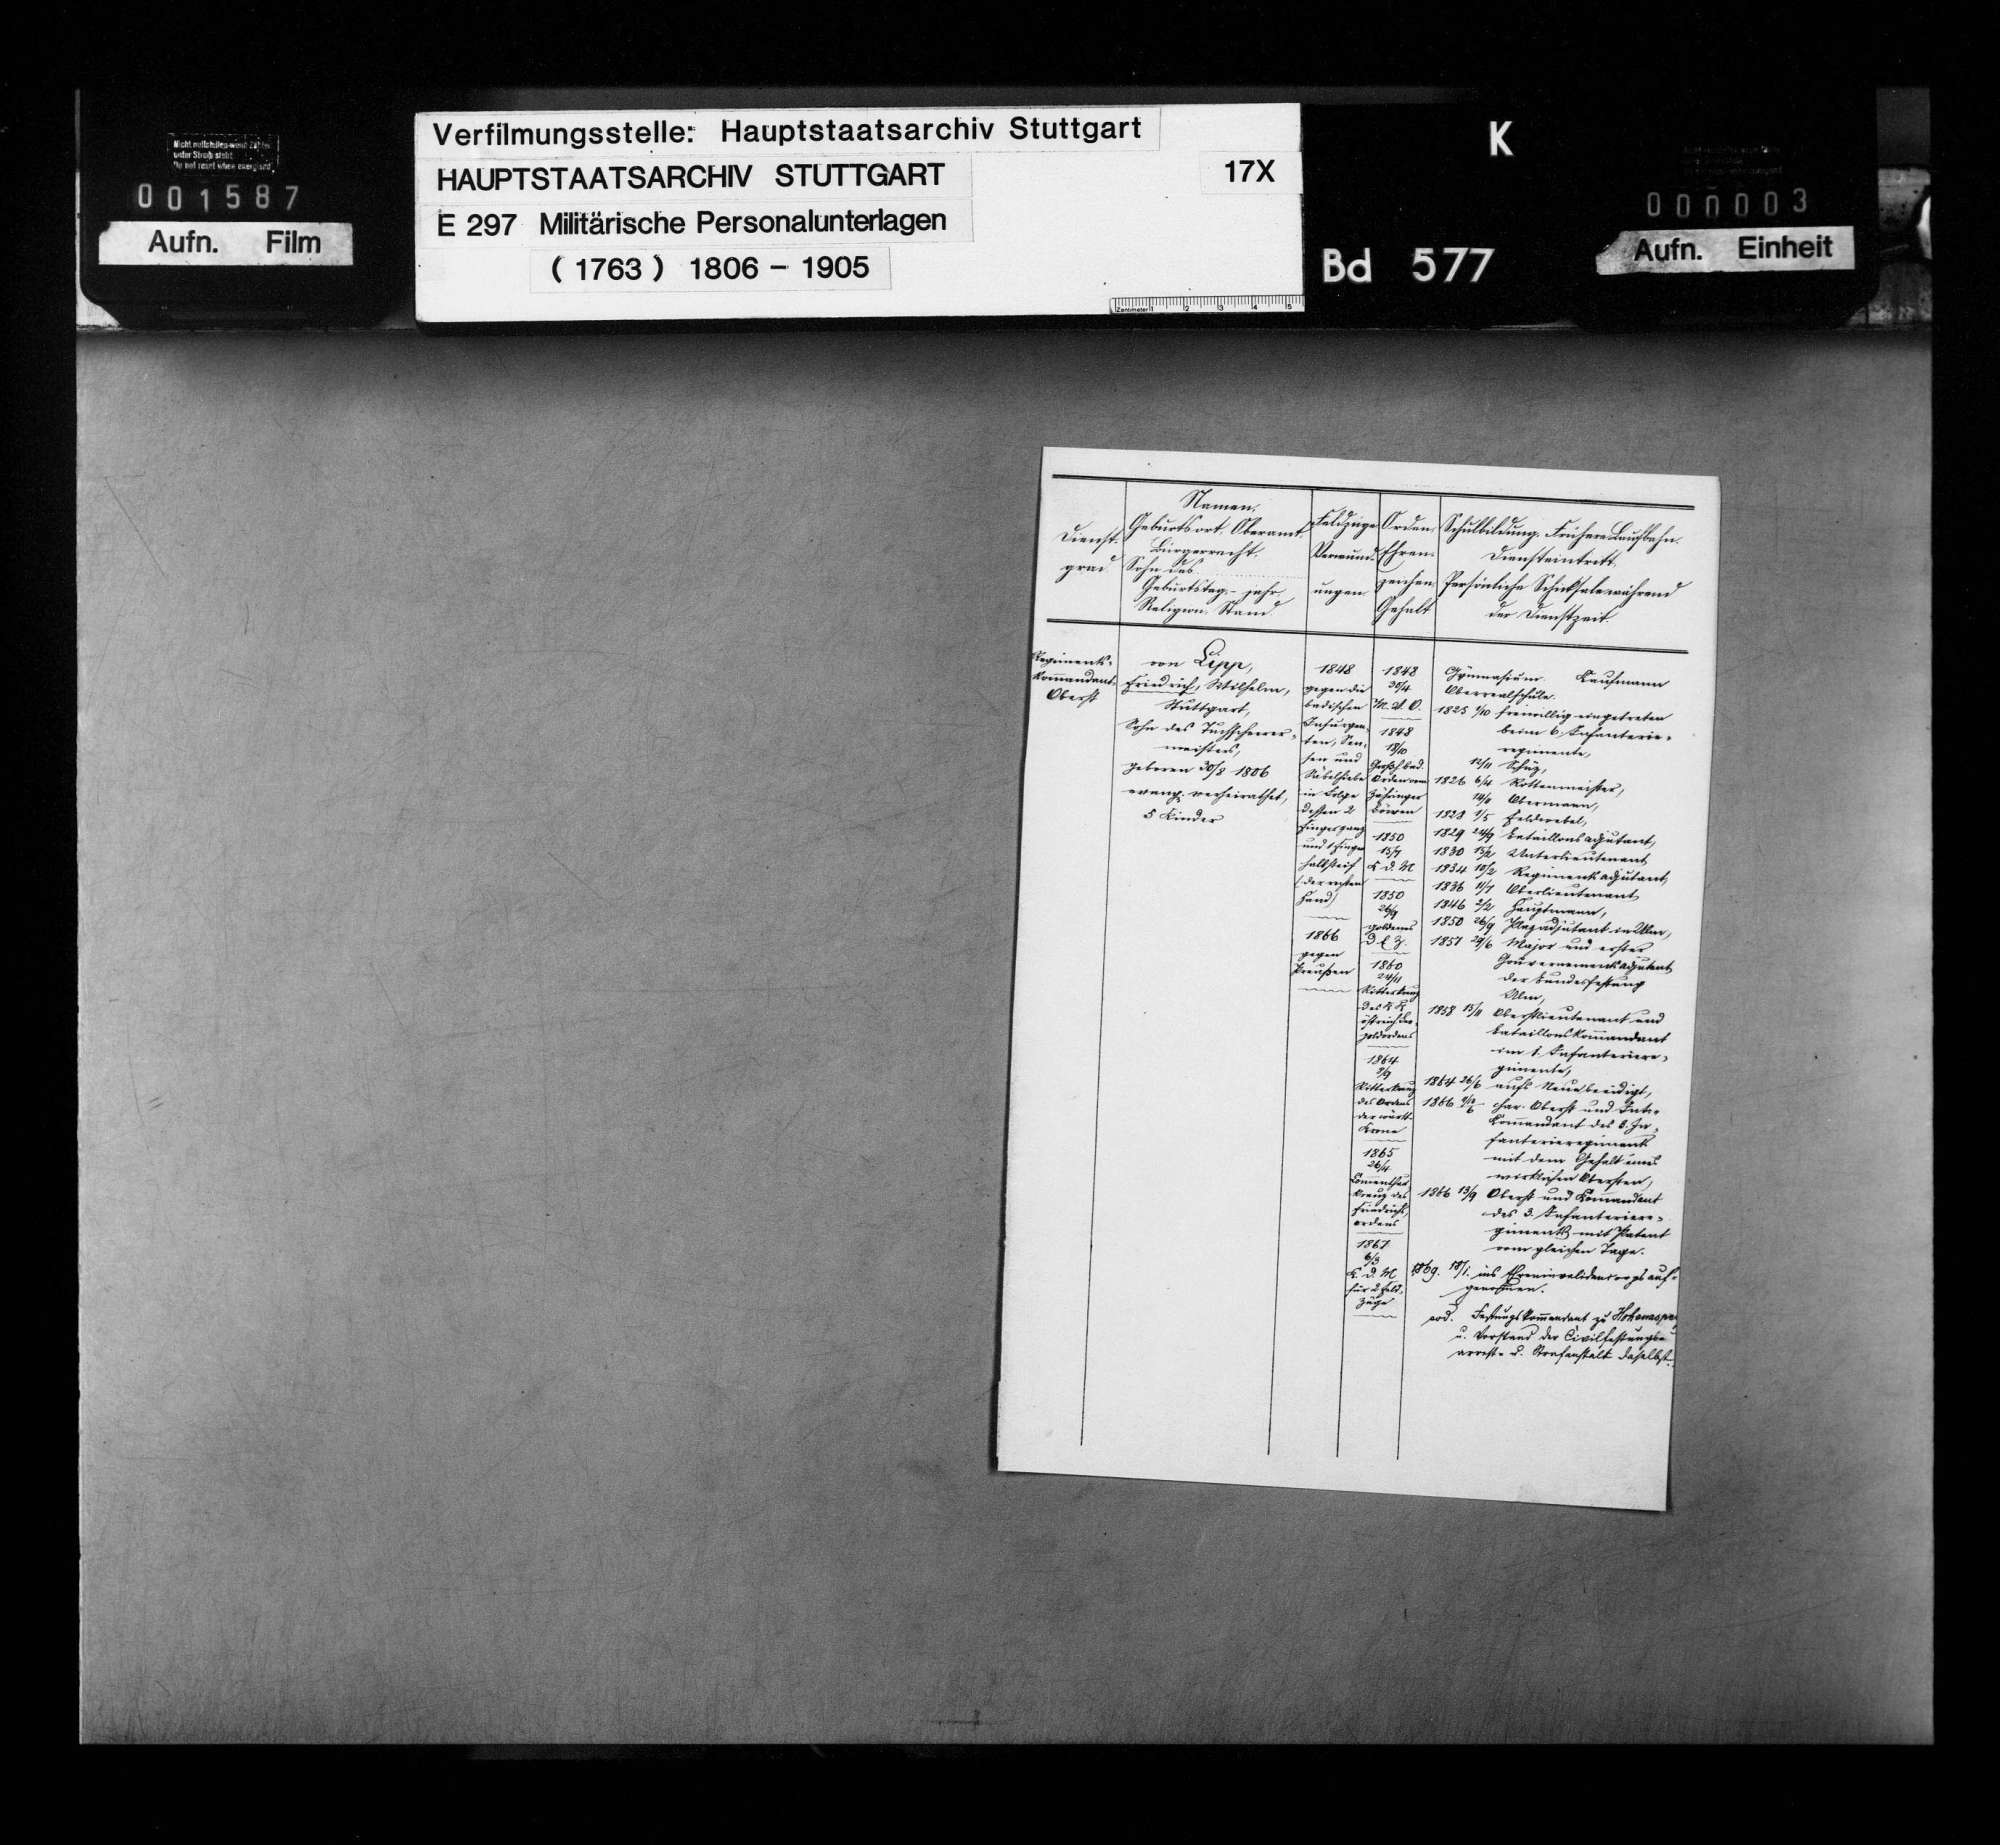 Stammliste des Regimentskommandanten Oberst von Lipp vom Platzstab Hohenasperg, Bild 2